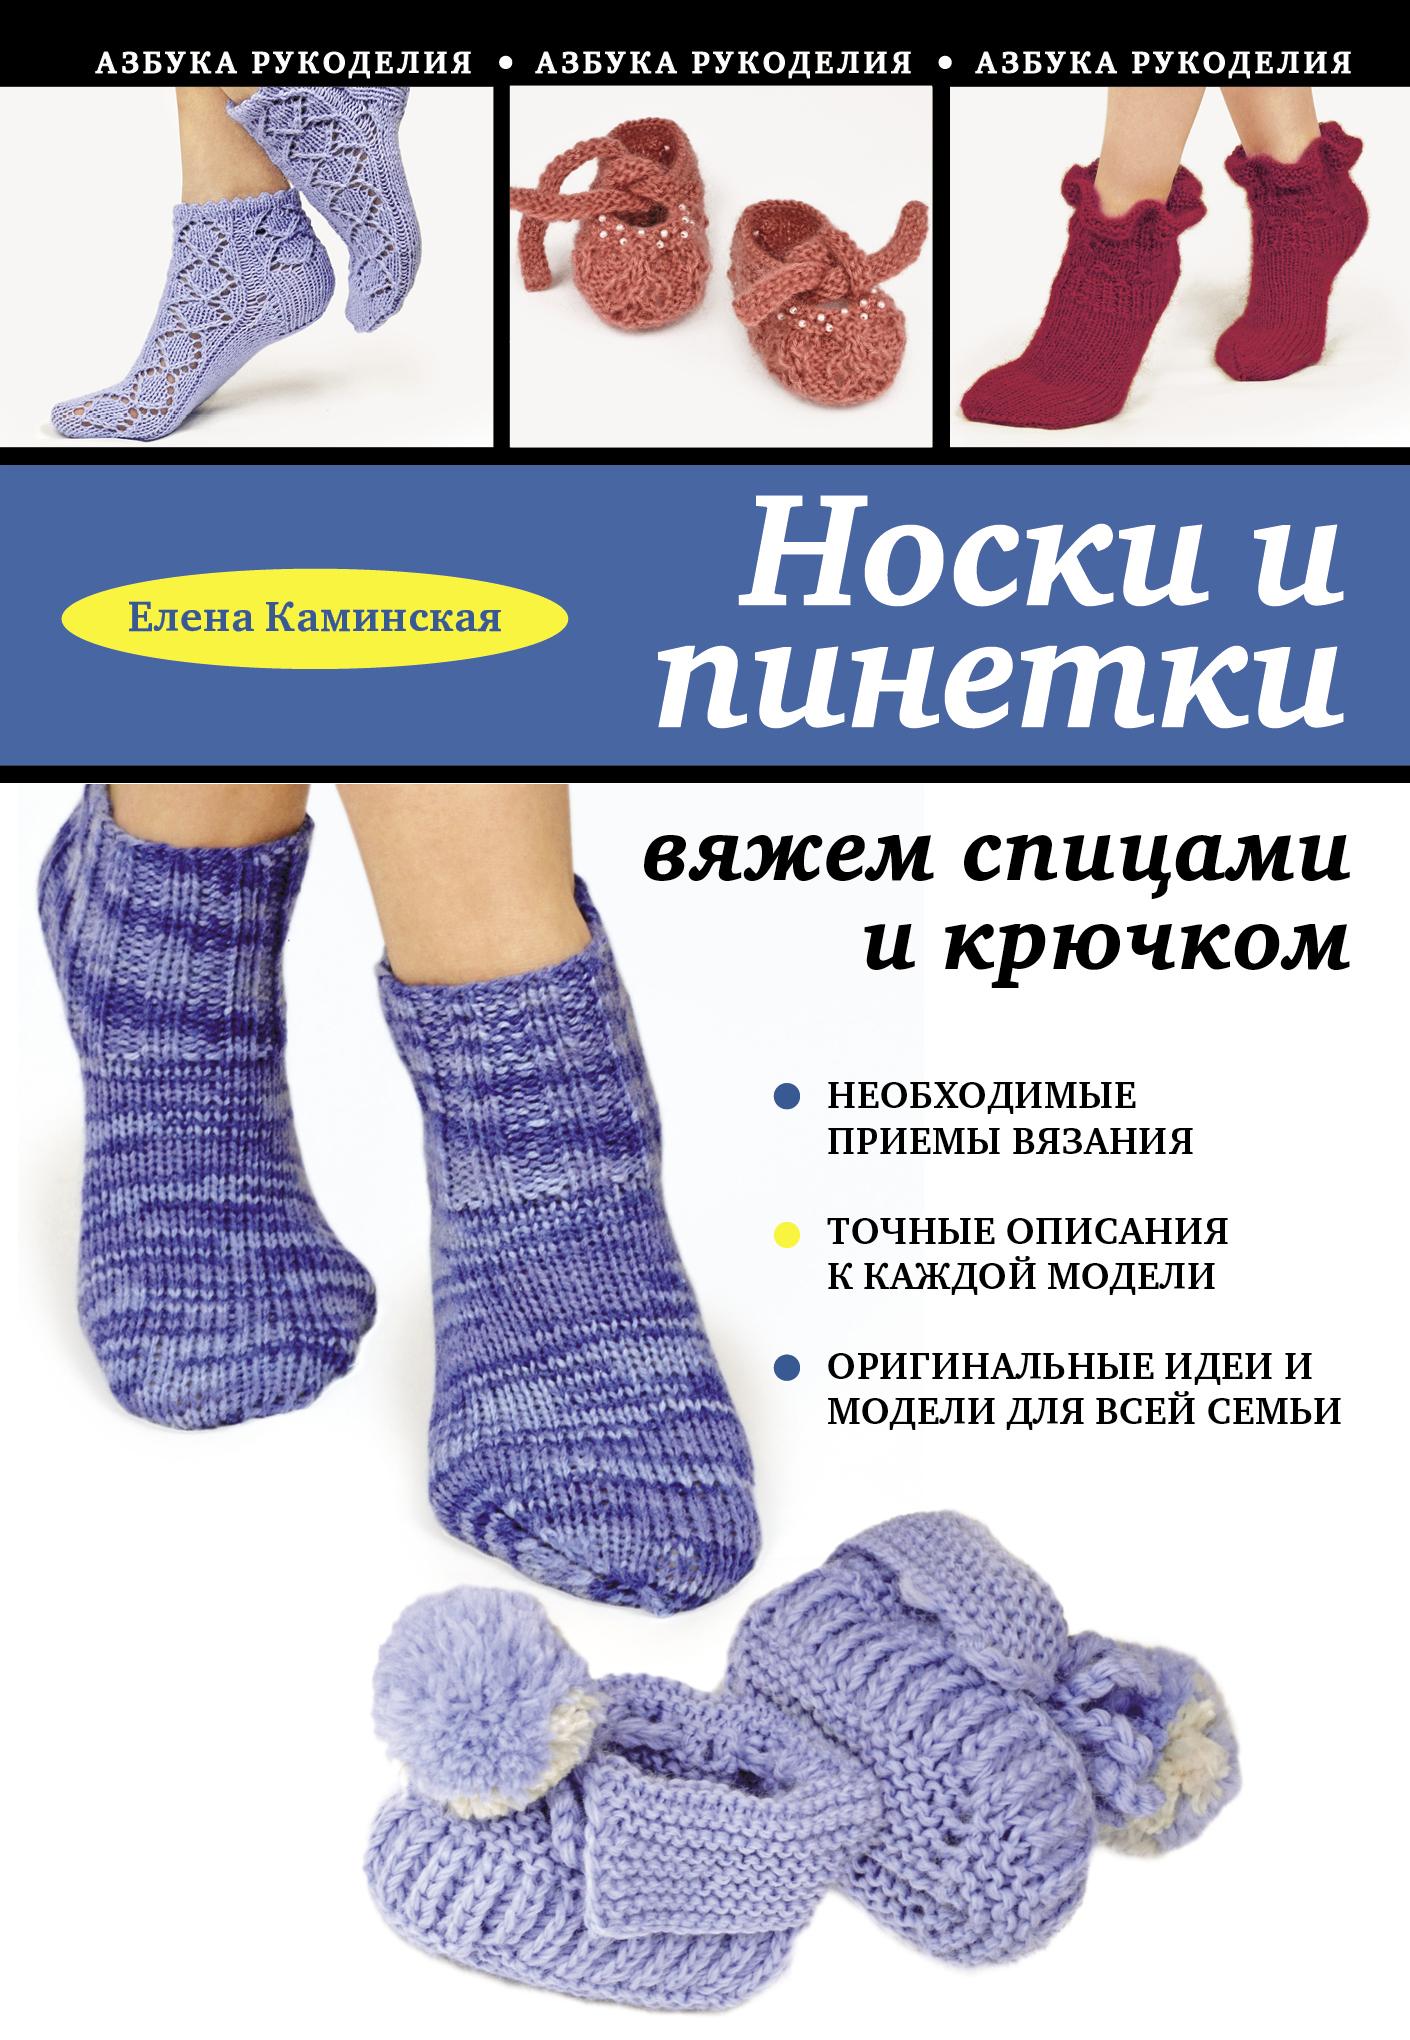 Вязание крючком детских пинеток и носочек